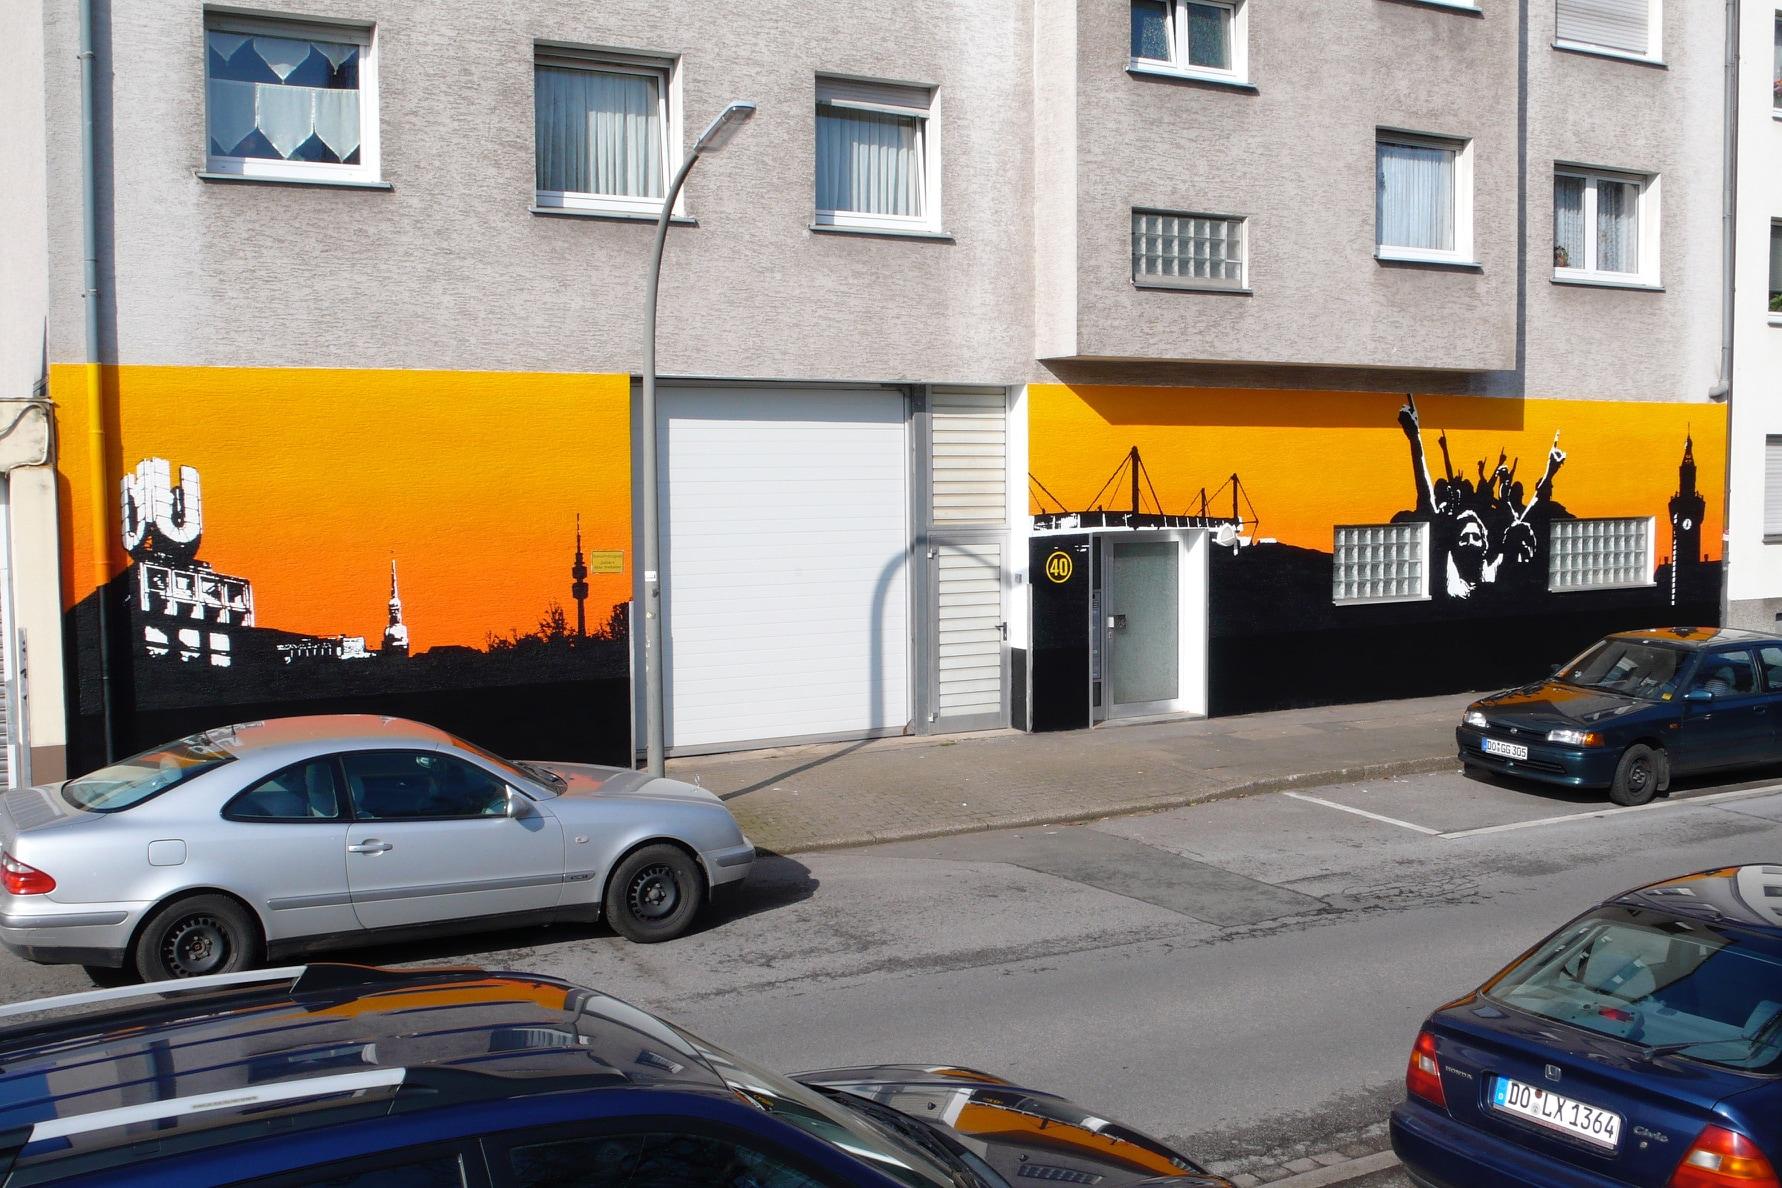 jugendkulturjahr-2020-ratingen-street-art-ajc